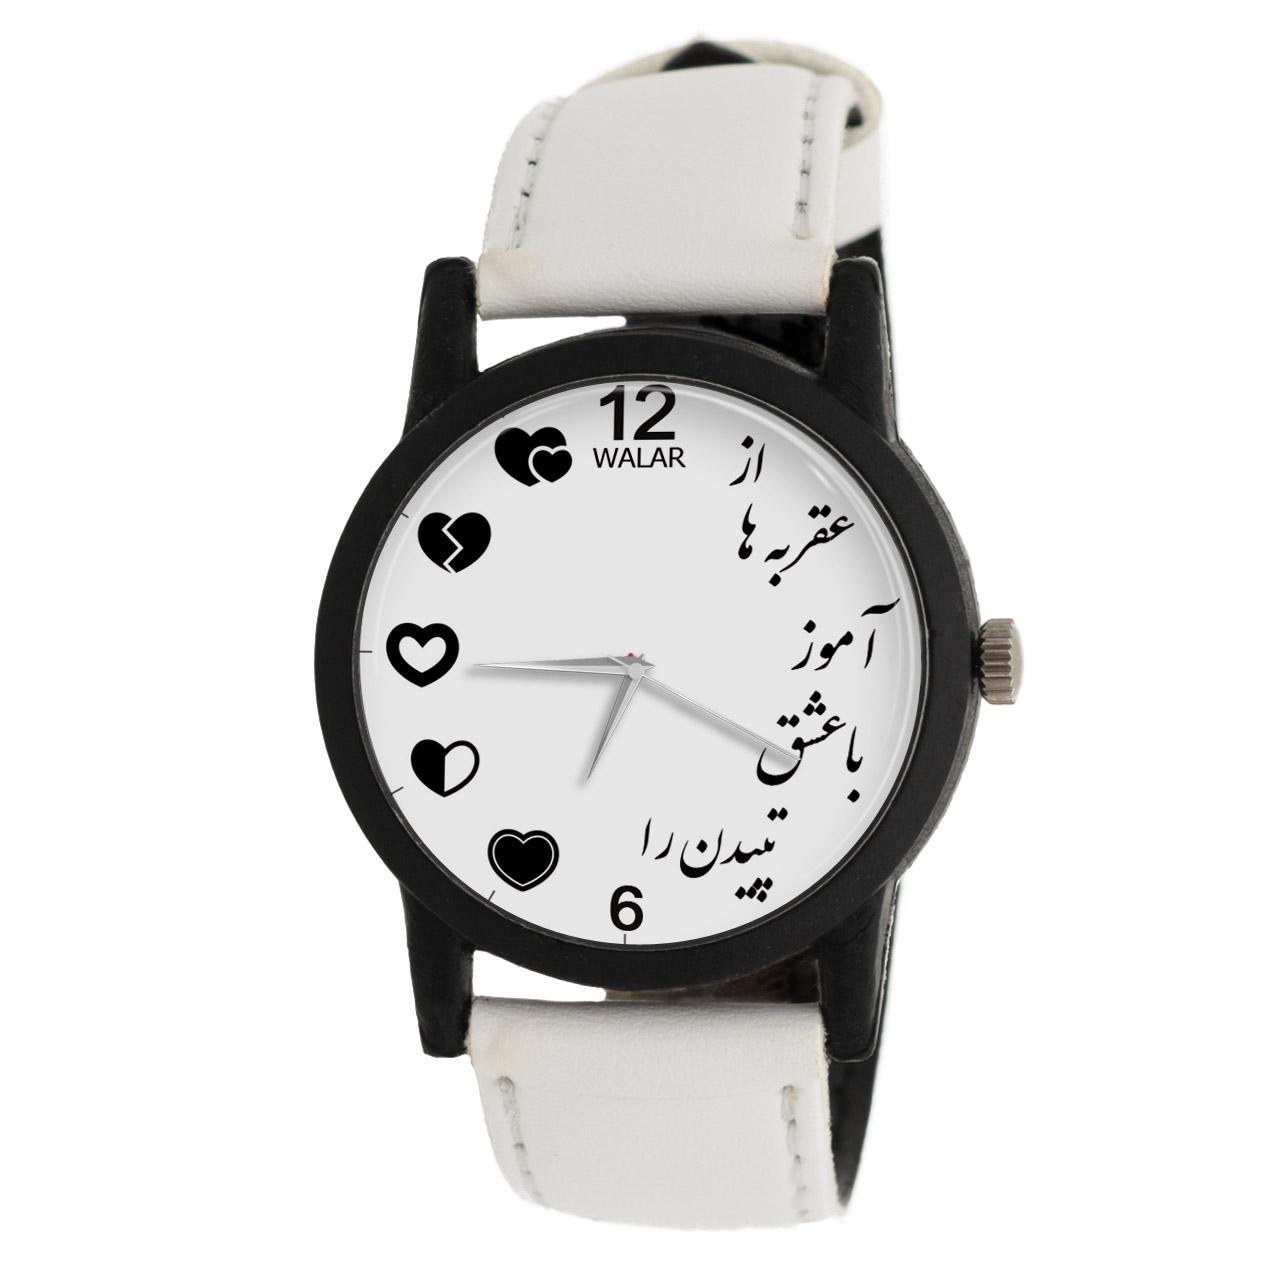 ساعت مچی عقربه ای زنانه والار مدل LF1444